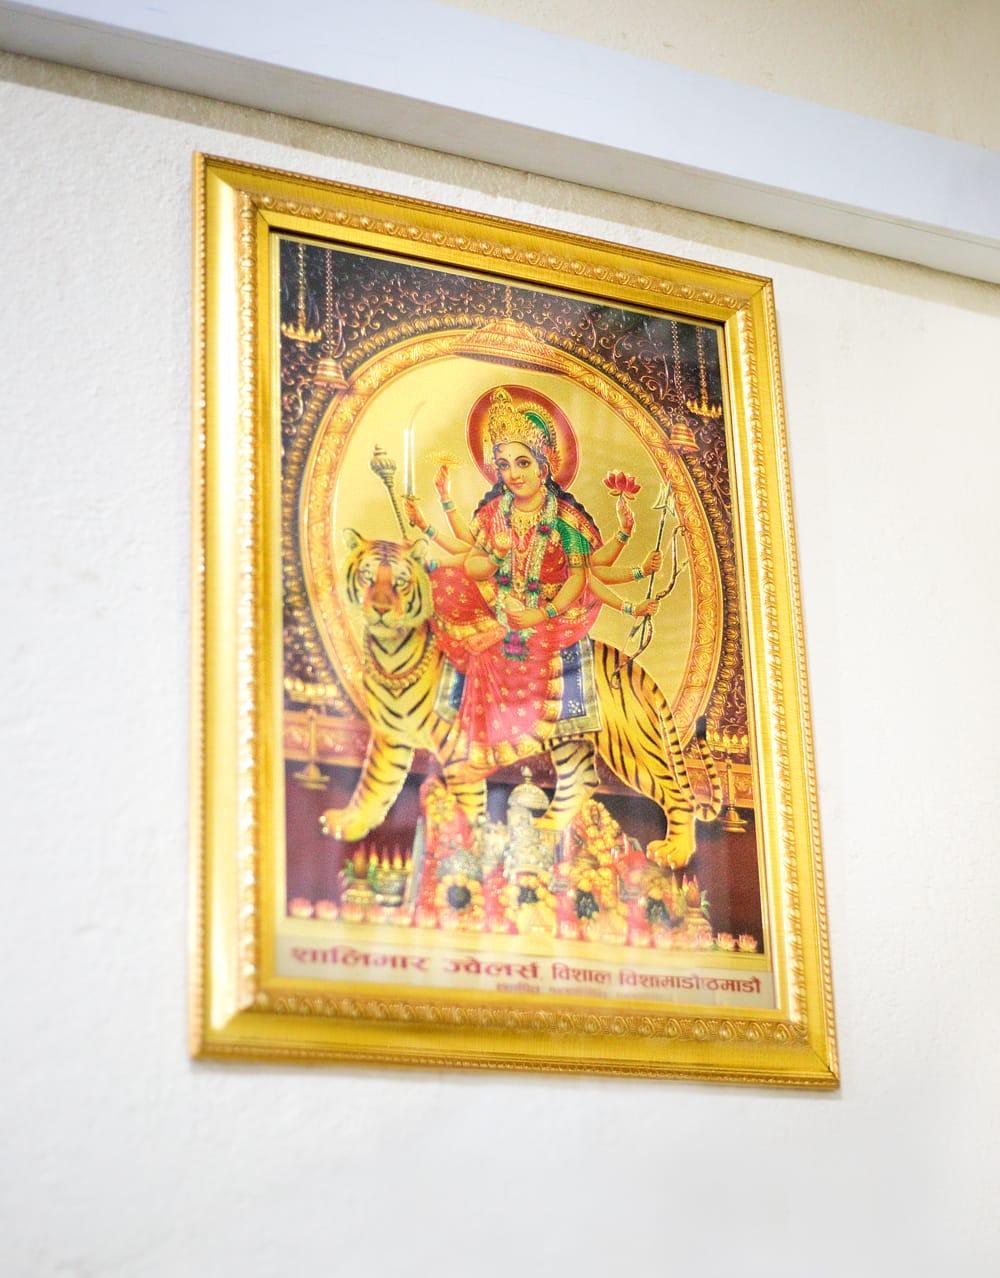 〔約40cm×約30cm〕インドのヒンドゥー神様ゴールドポスター - ラクシュミー 美と富の神様 6 - 額縁は当店で販売しておりませんが、入れると高級感ができます!こちらは、現地で額縁に入れた使用例の写真です。